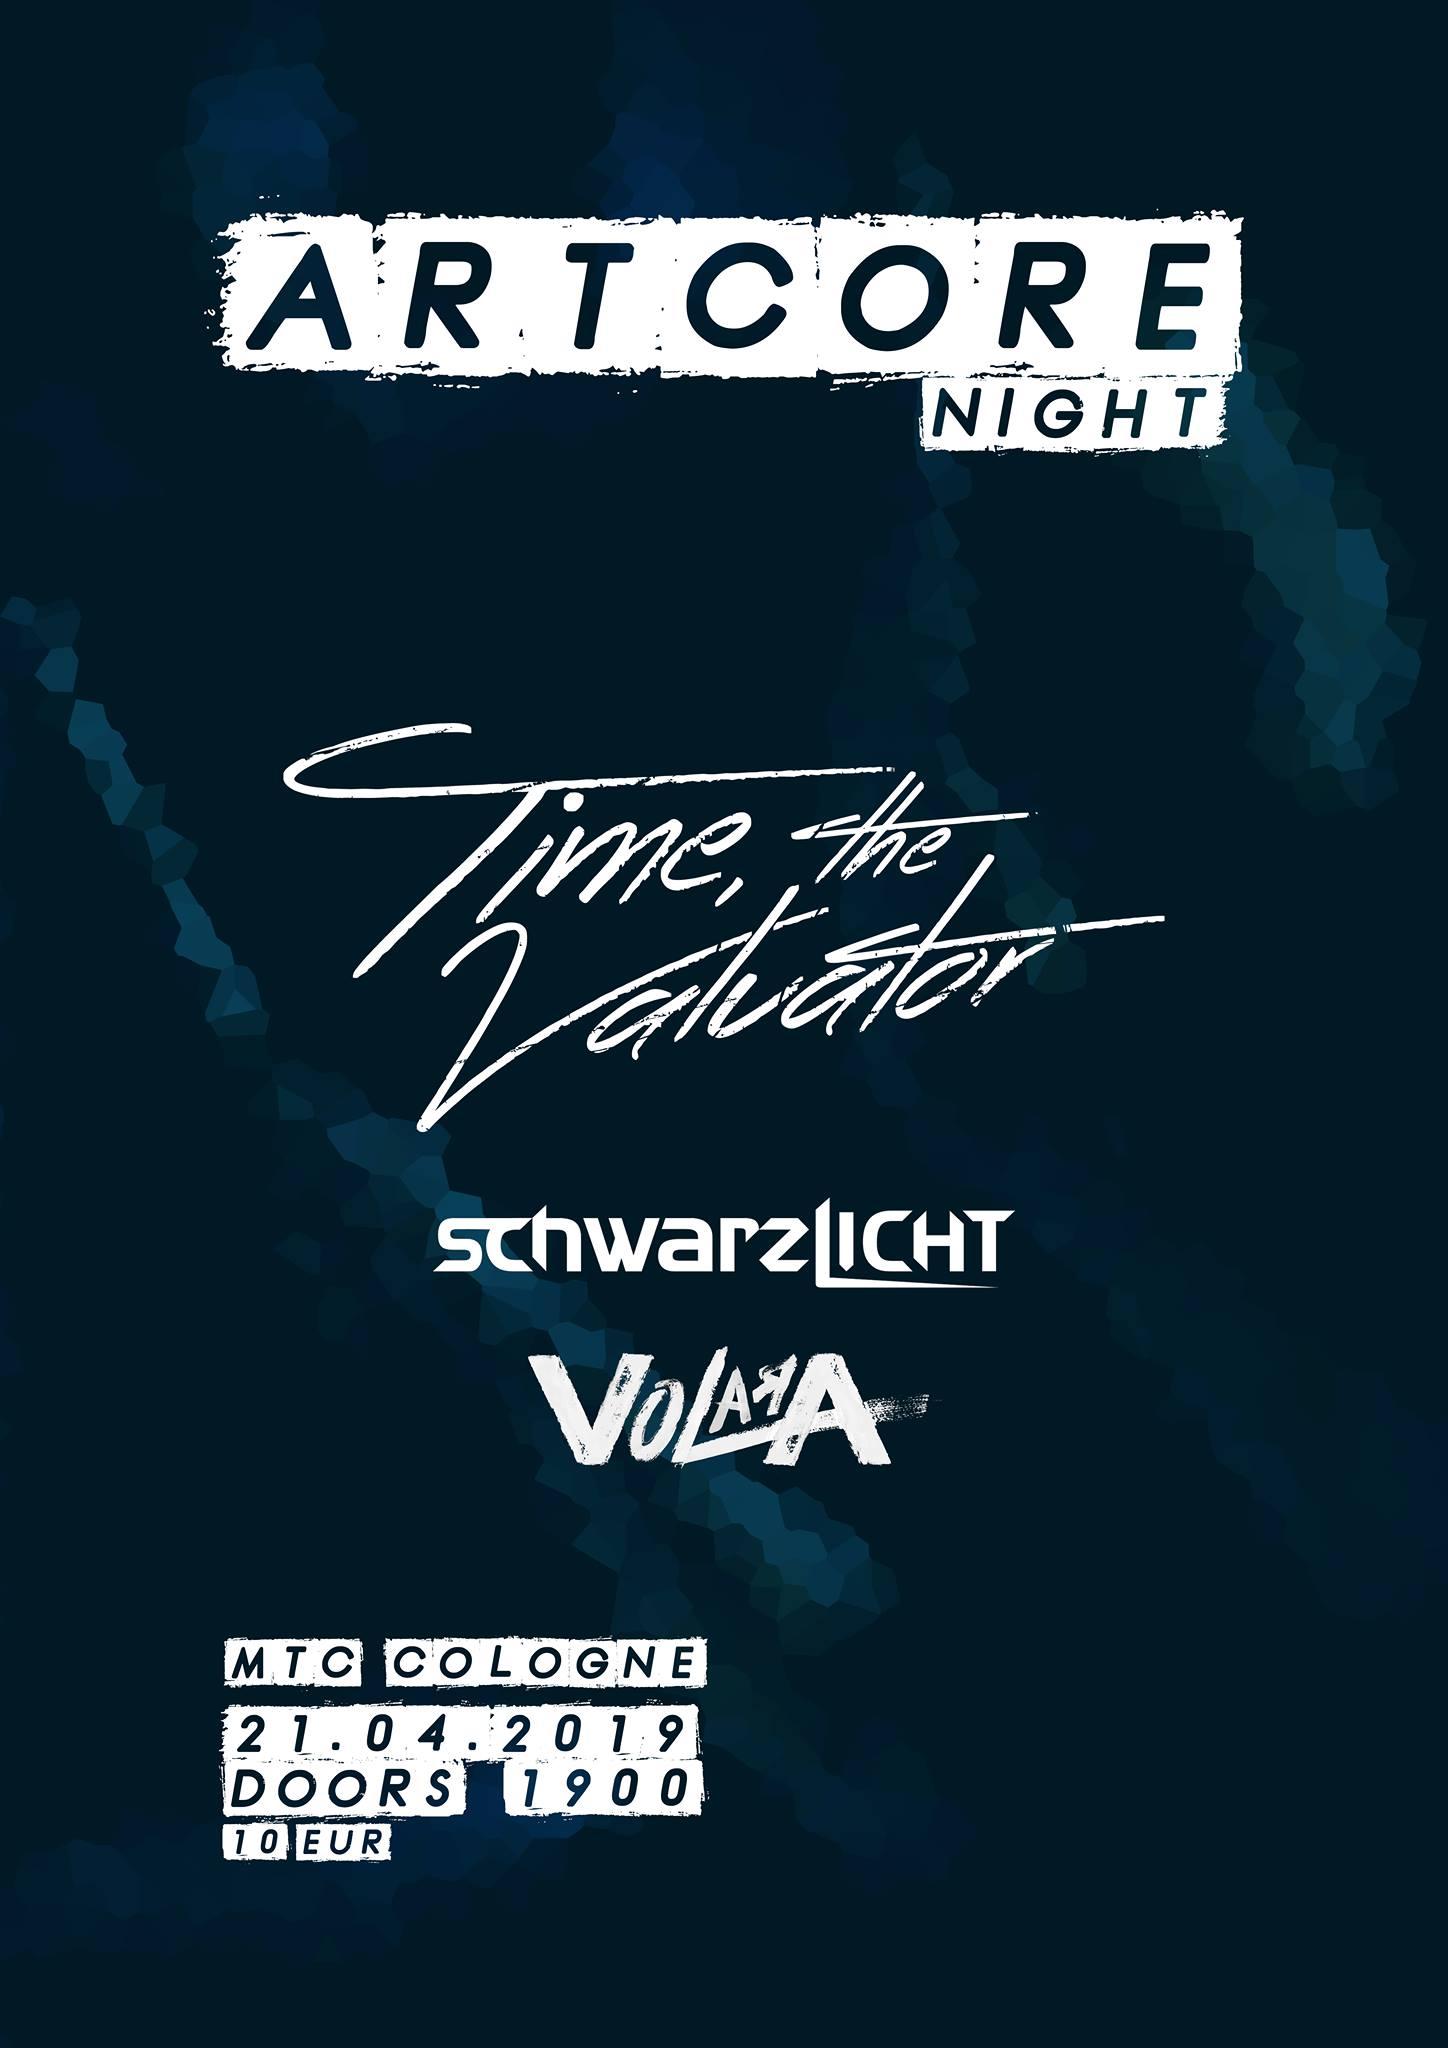 """""""Schwarzlicht"""" - Artcore Night 1"""